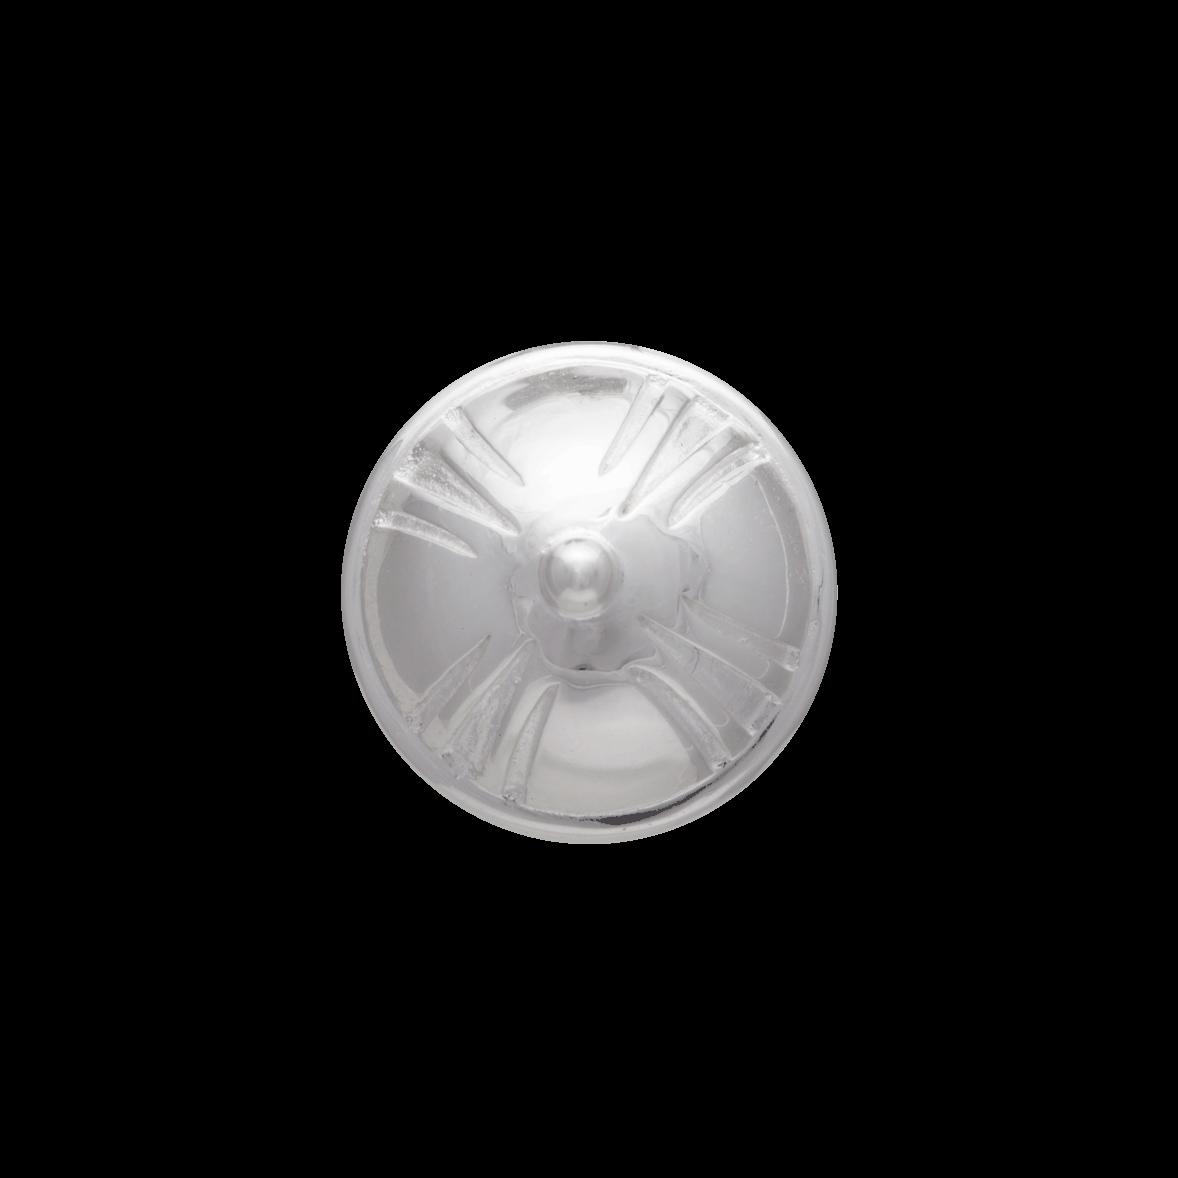 Agderknapp, 14mm-0